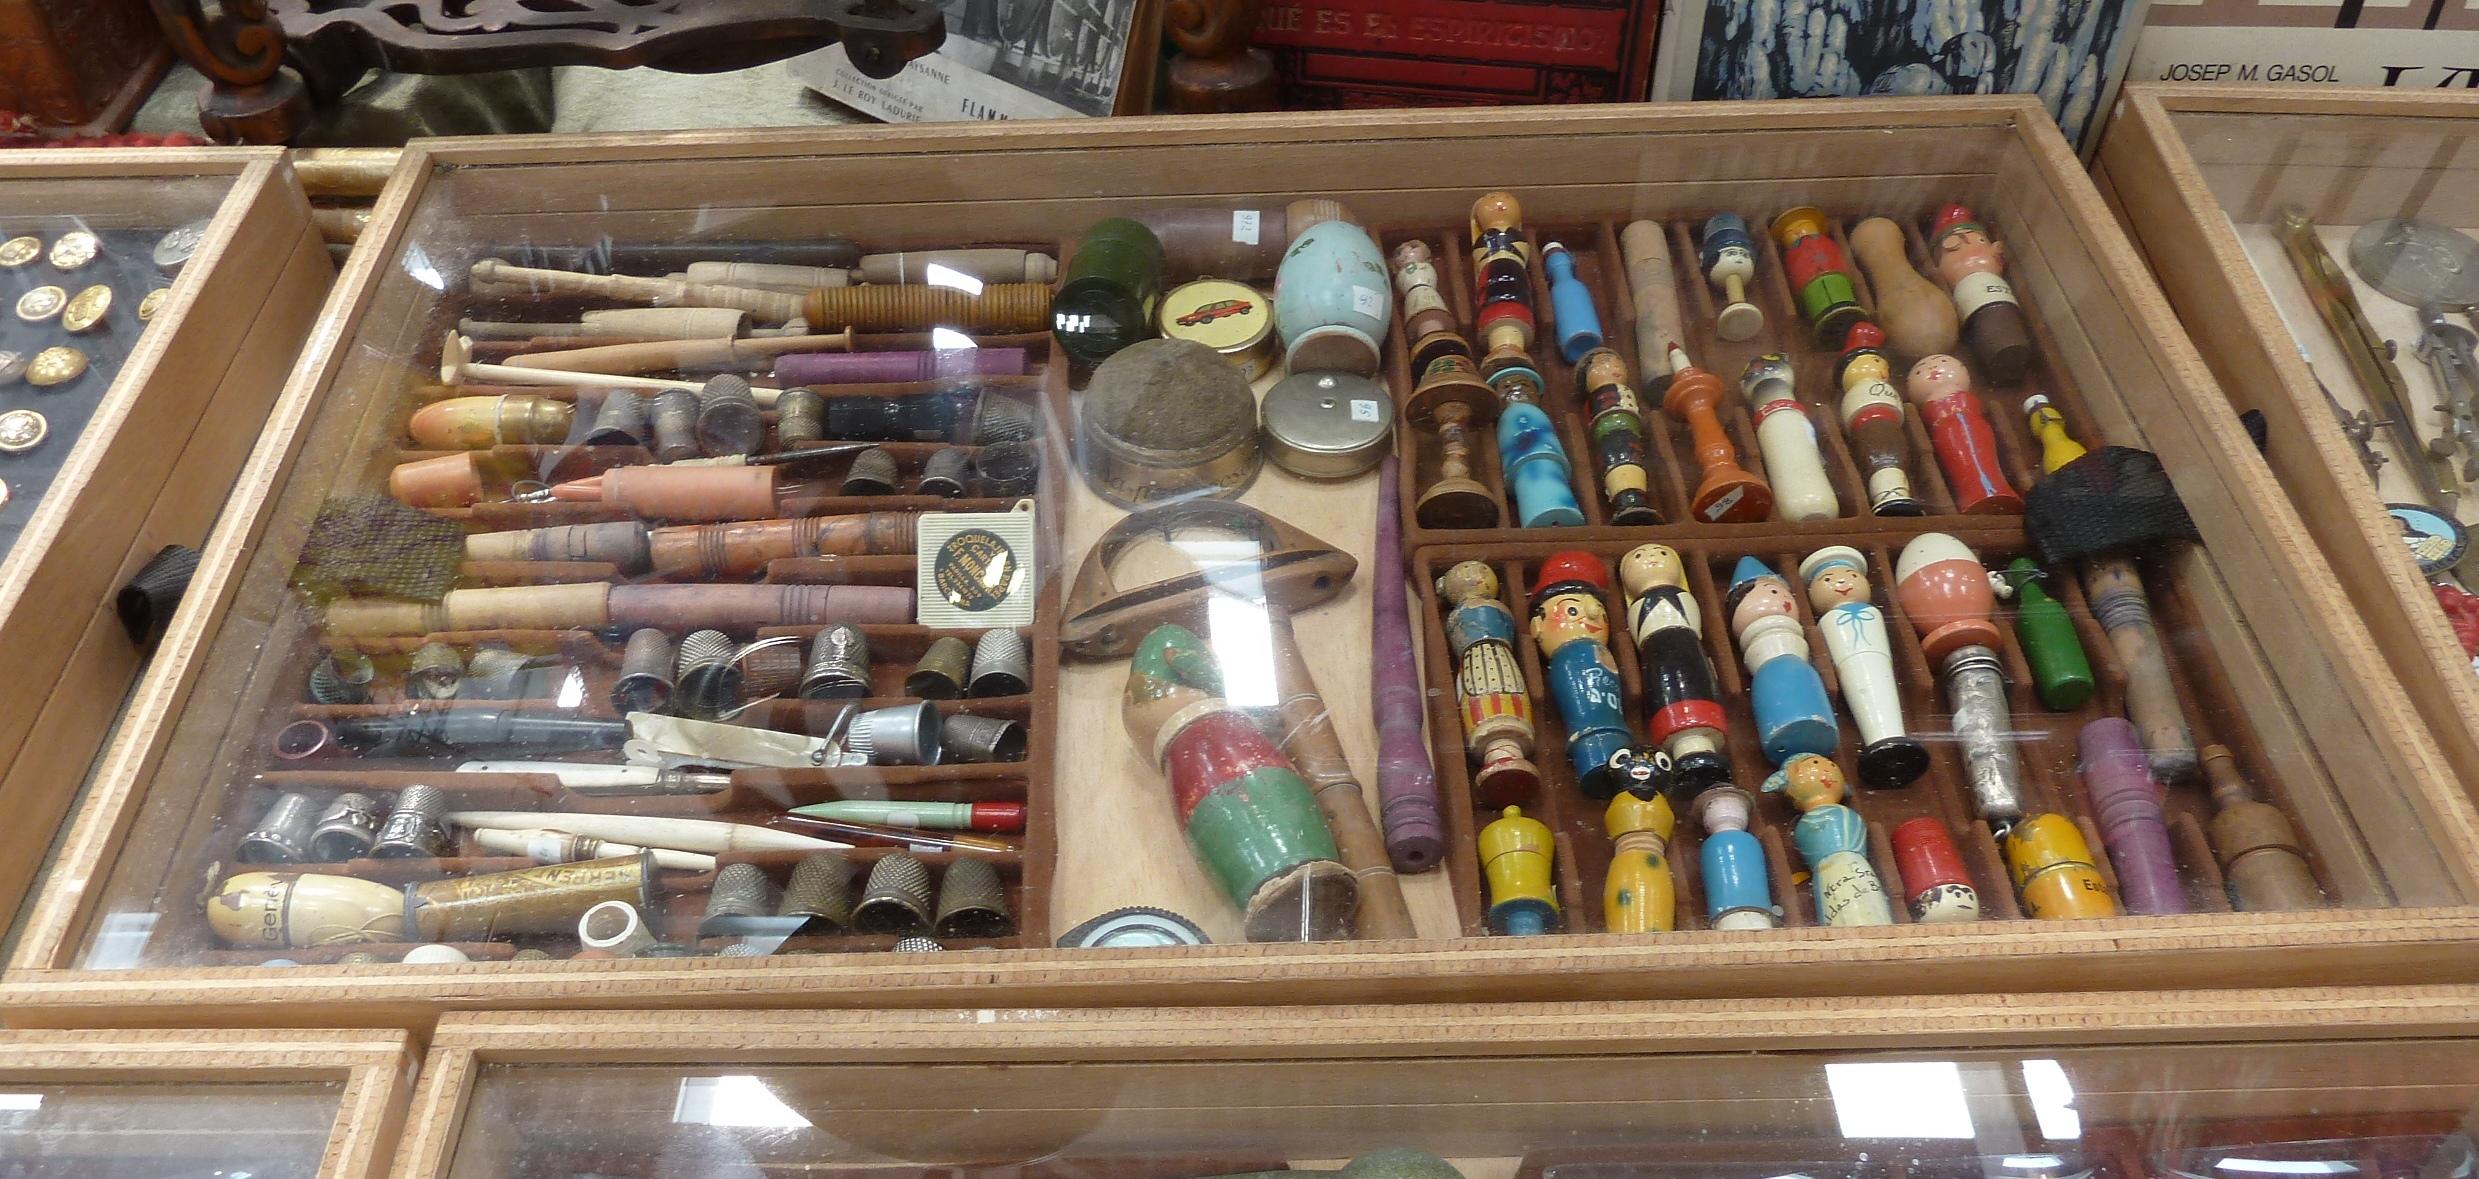 Colecciones con los hilos en la masa - Mercado antiguedades barcelona ...